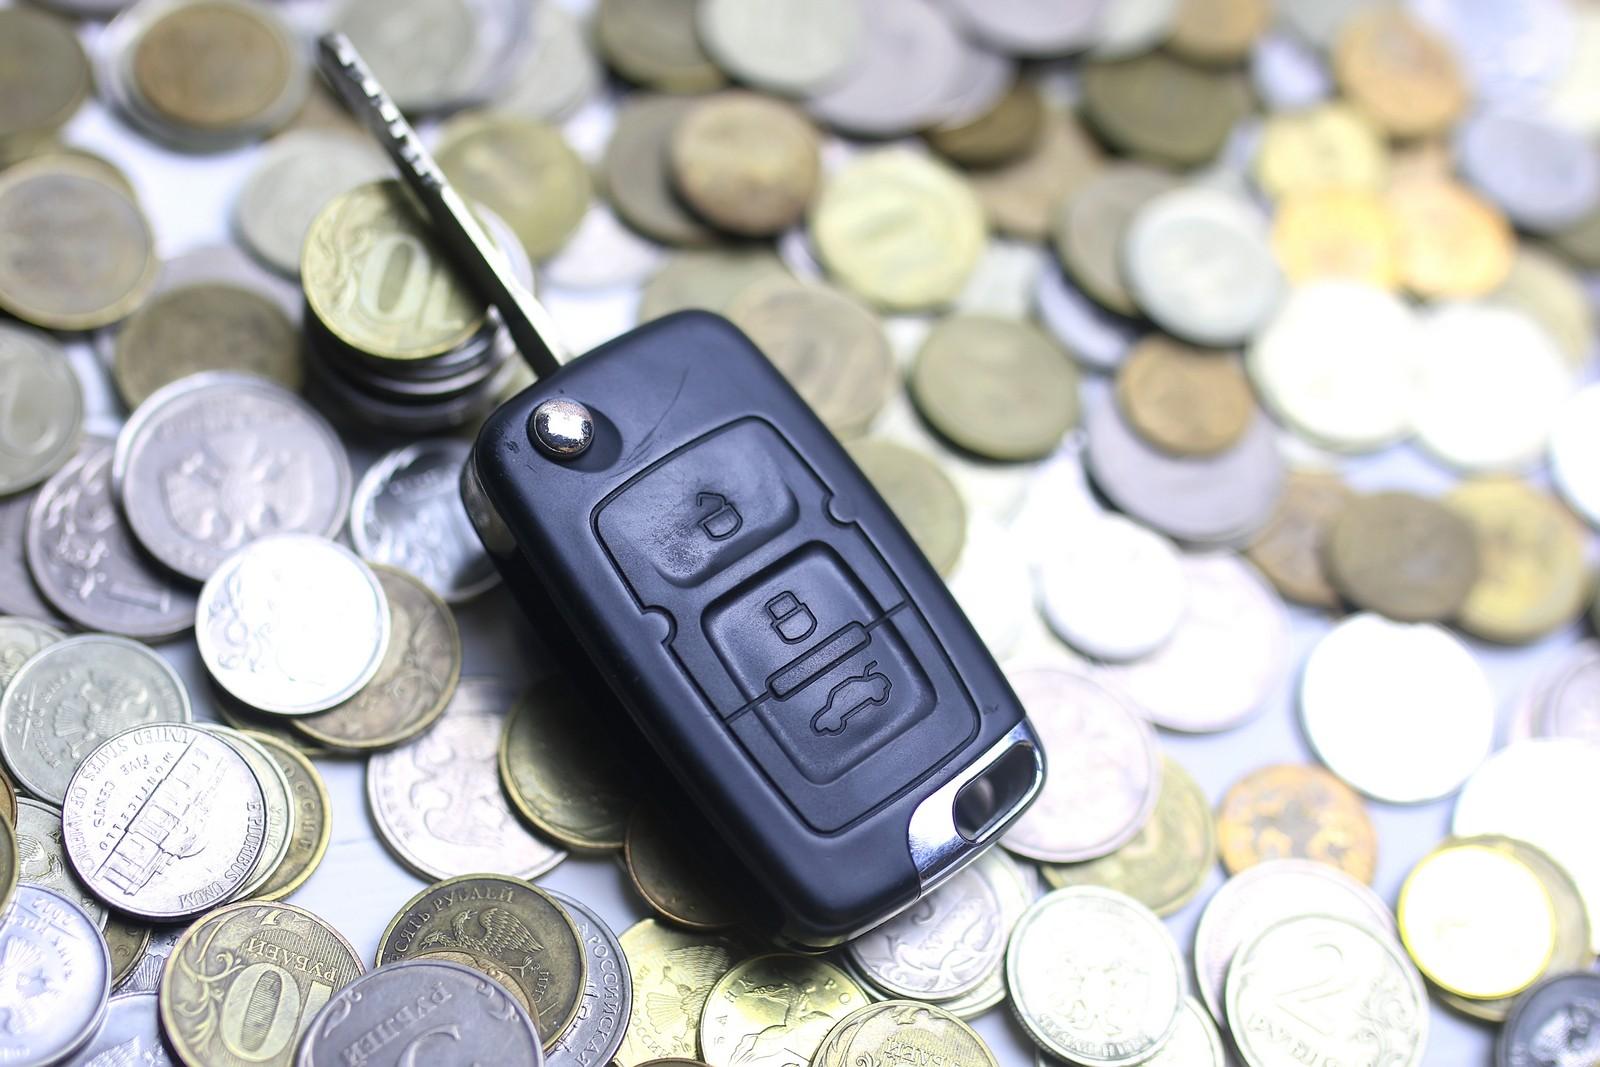 Авито Авто: по итогам II квартала на вторичном авторынке наблюдается снижение цен